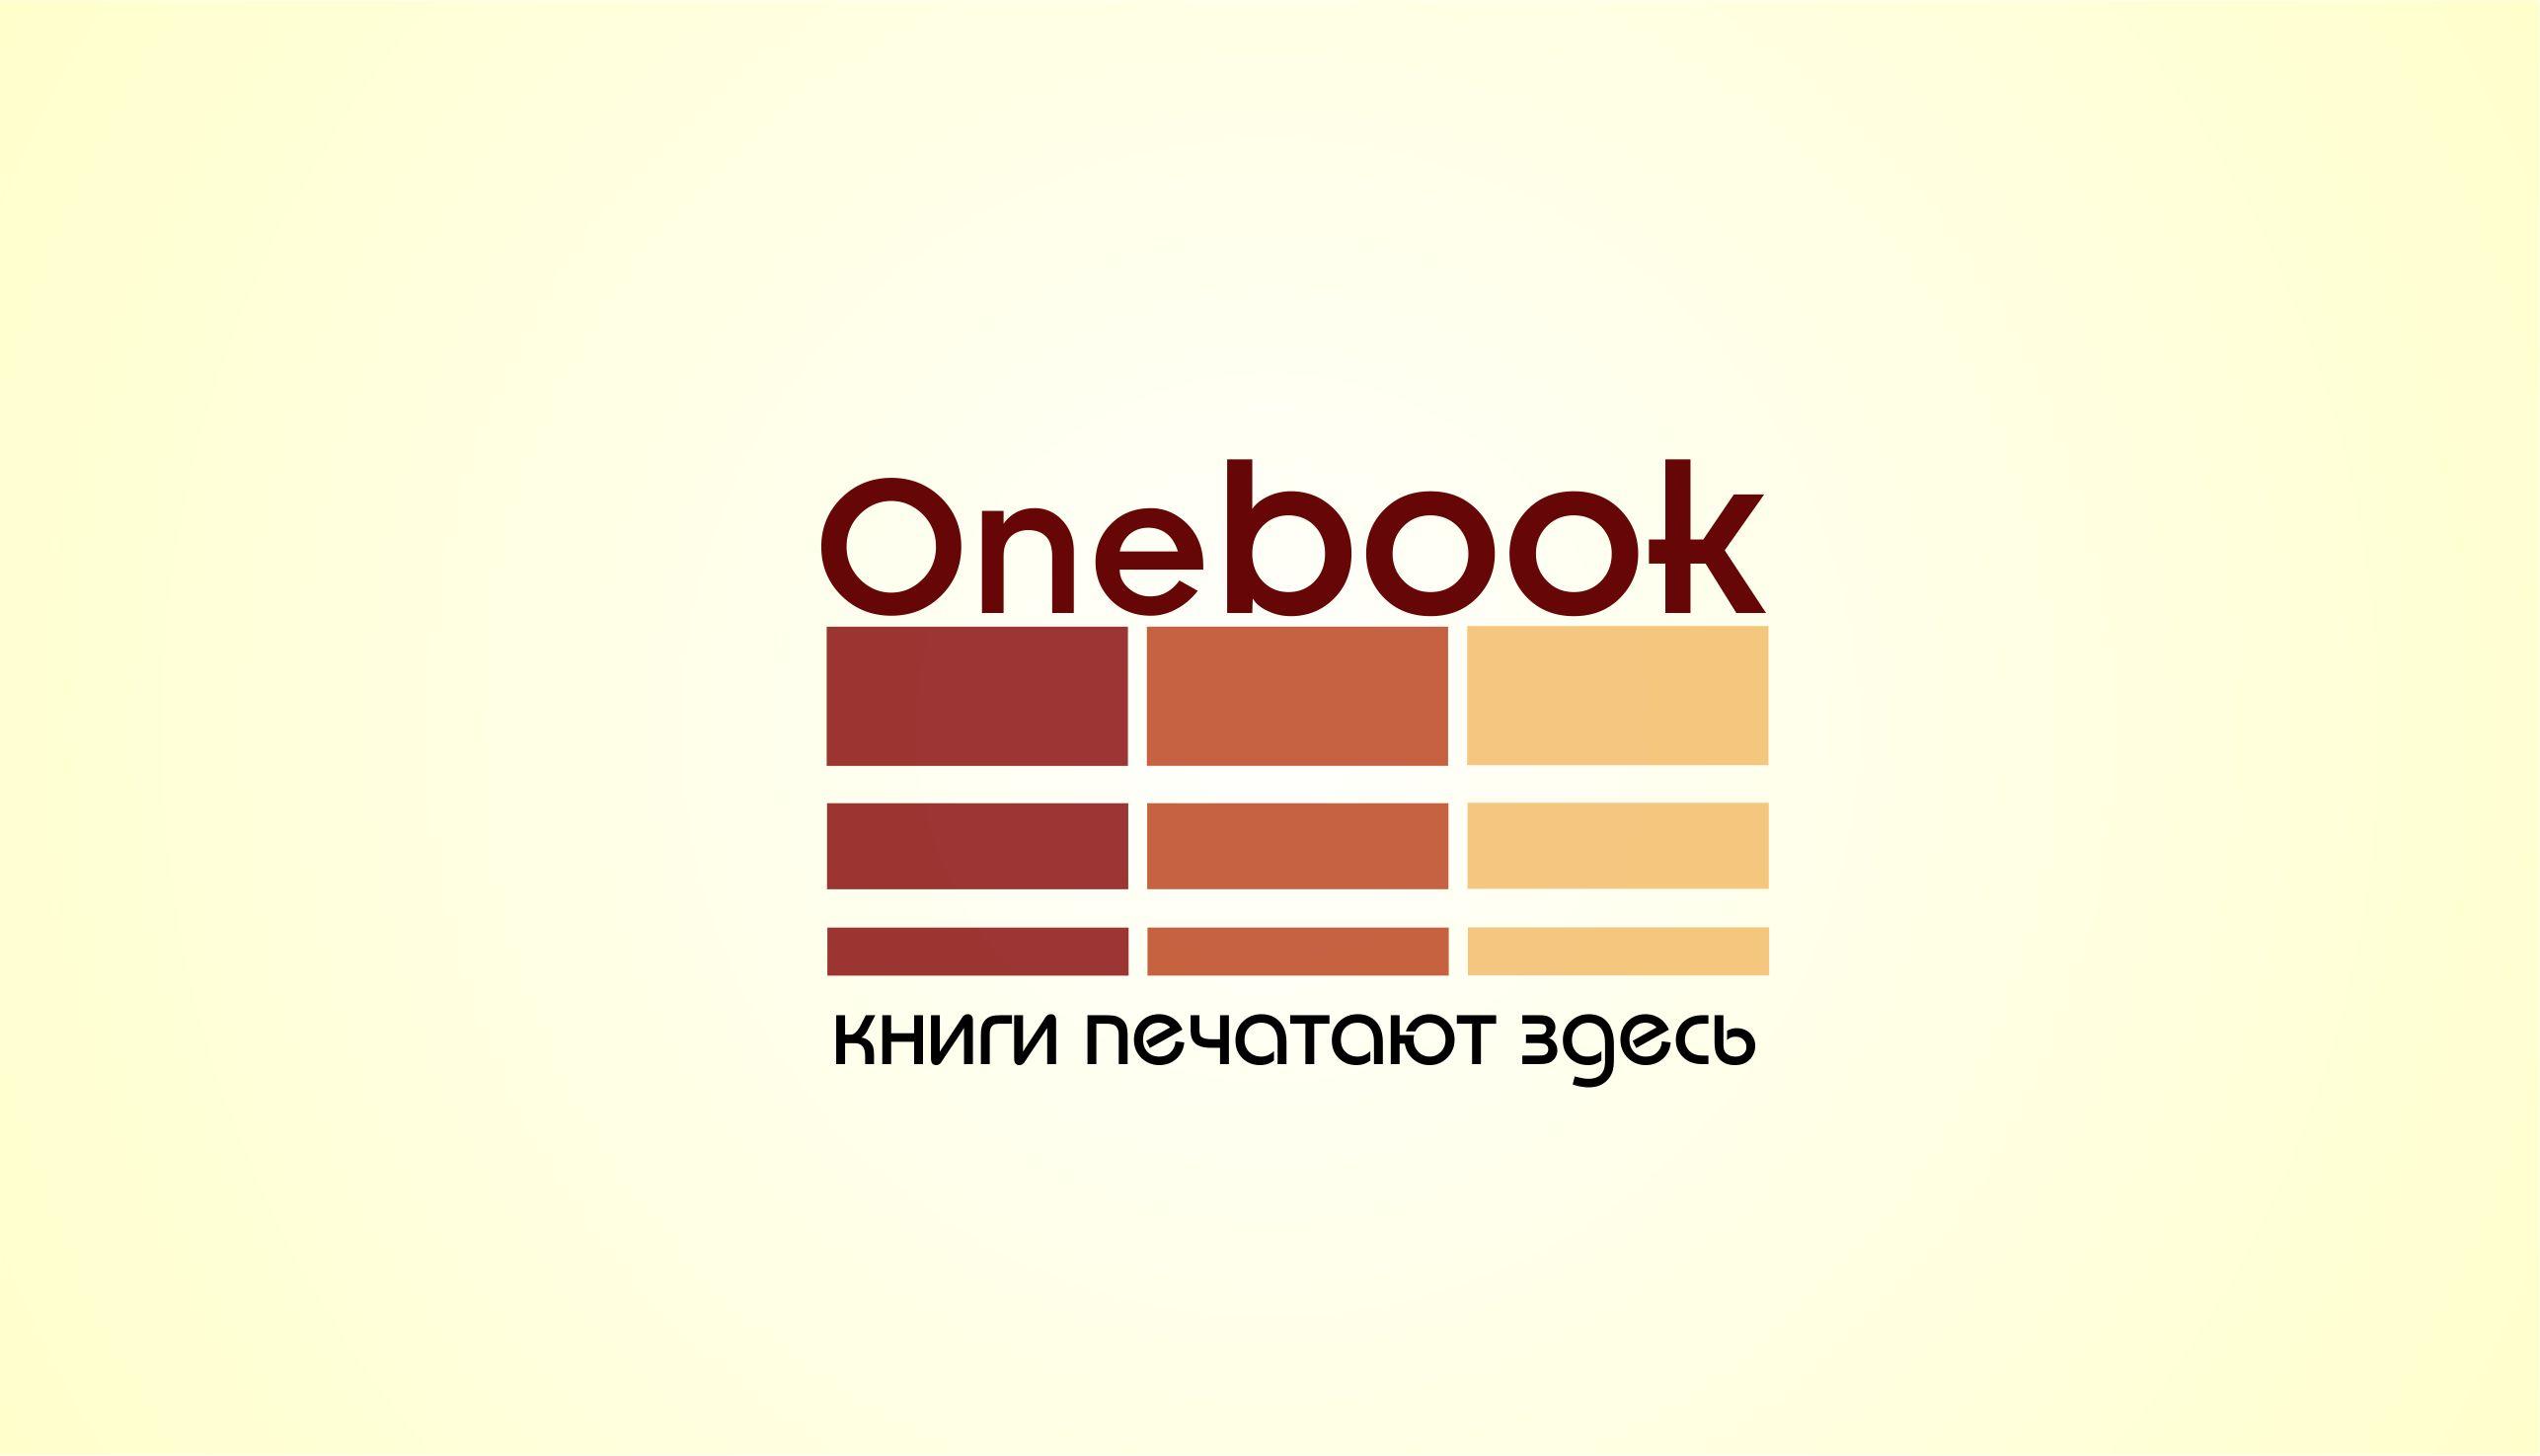 Логотип для цифровой книжной типографии. фото f_4cbef25387b10.jpg